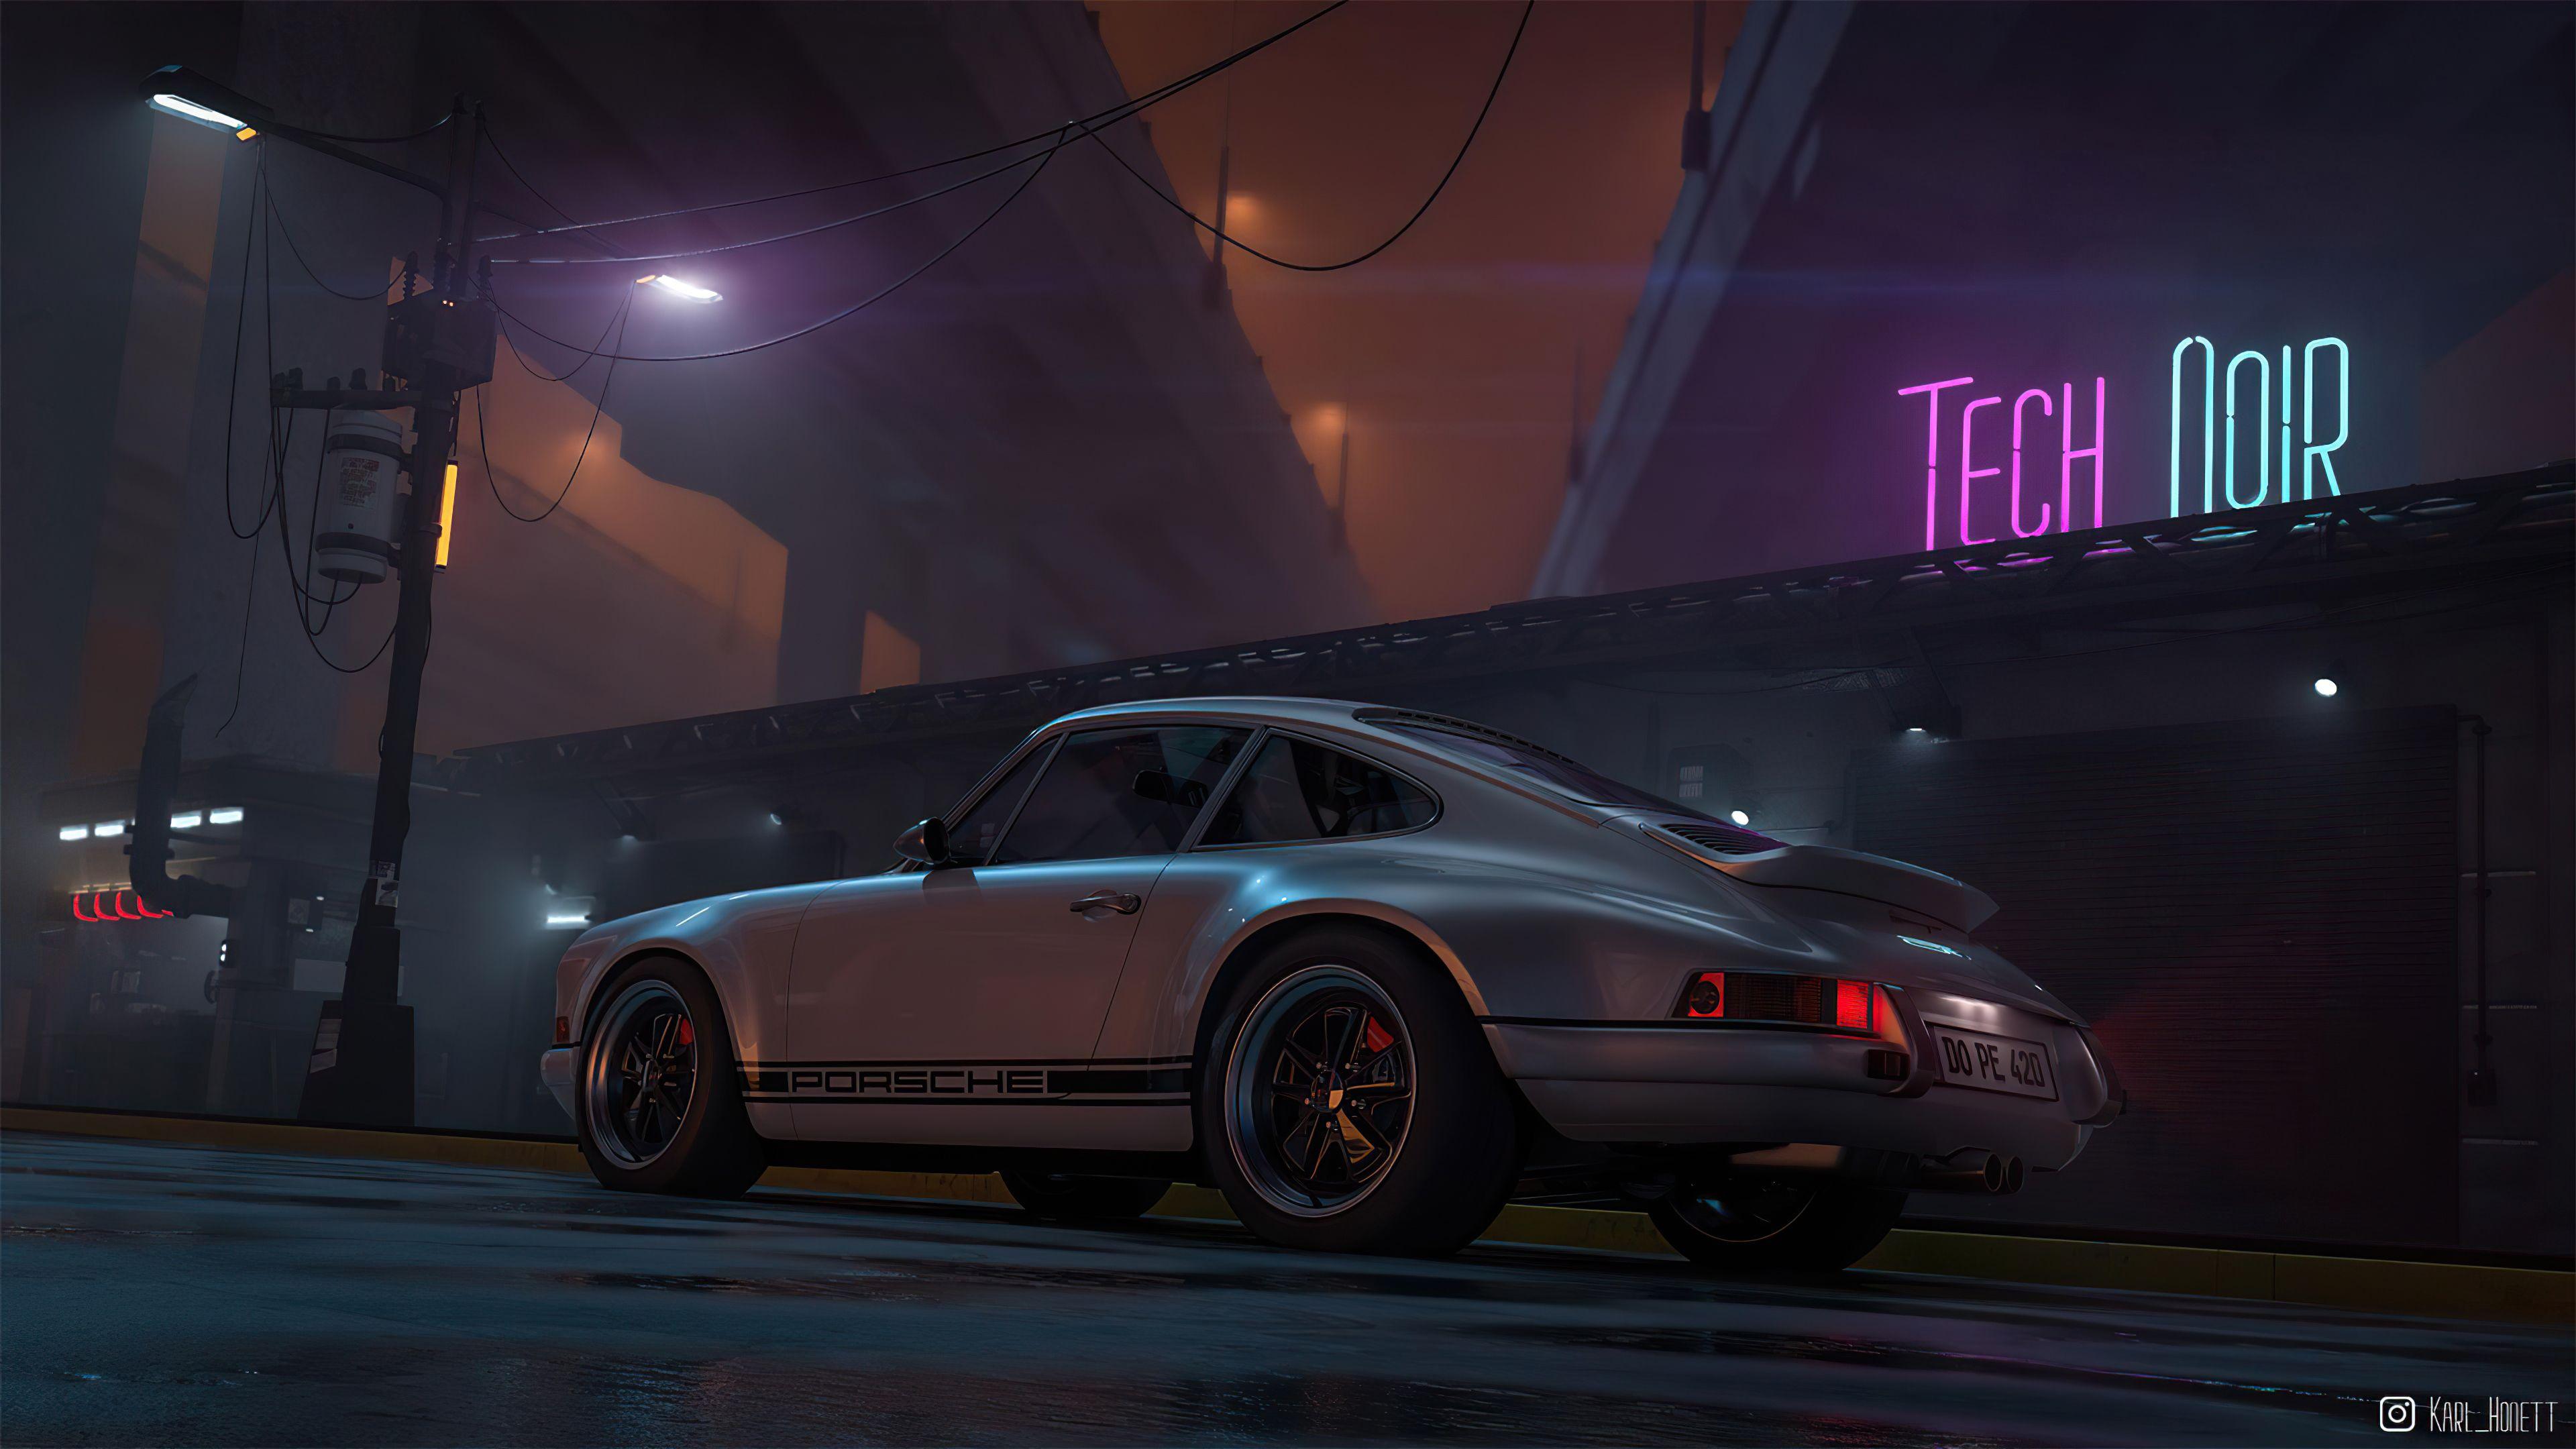 Porsche Outrun 4k Porsche Outrun 4k Wallpapers In 2021 Porsche Wallpaper Hd Widescreen Wallpapers